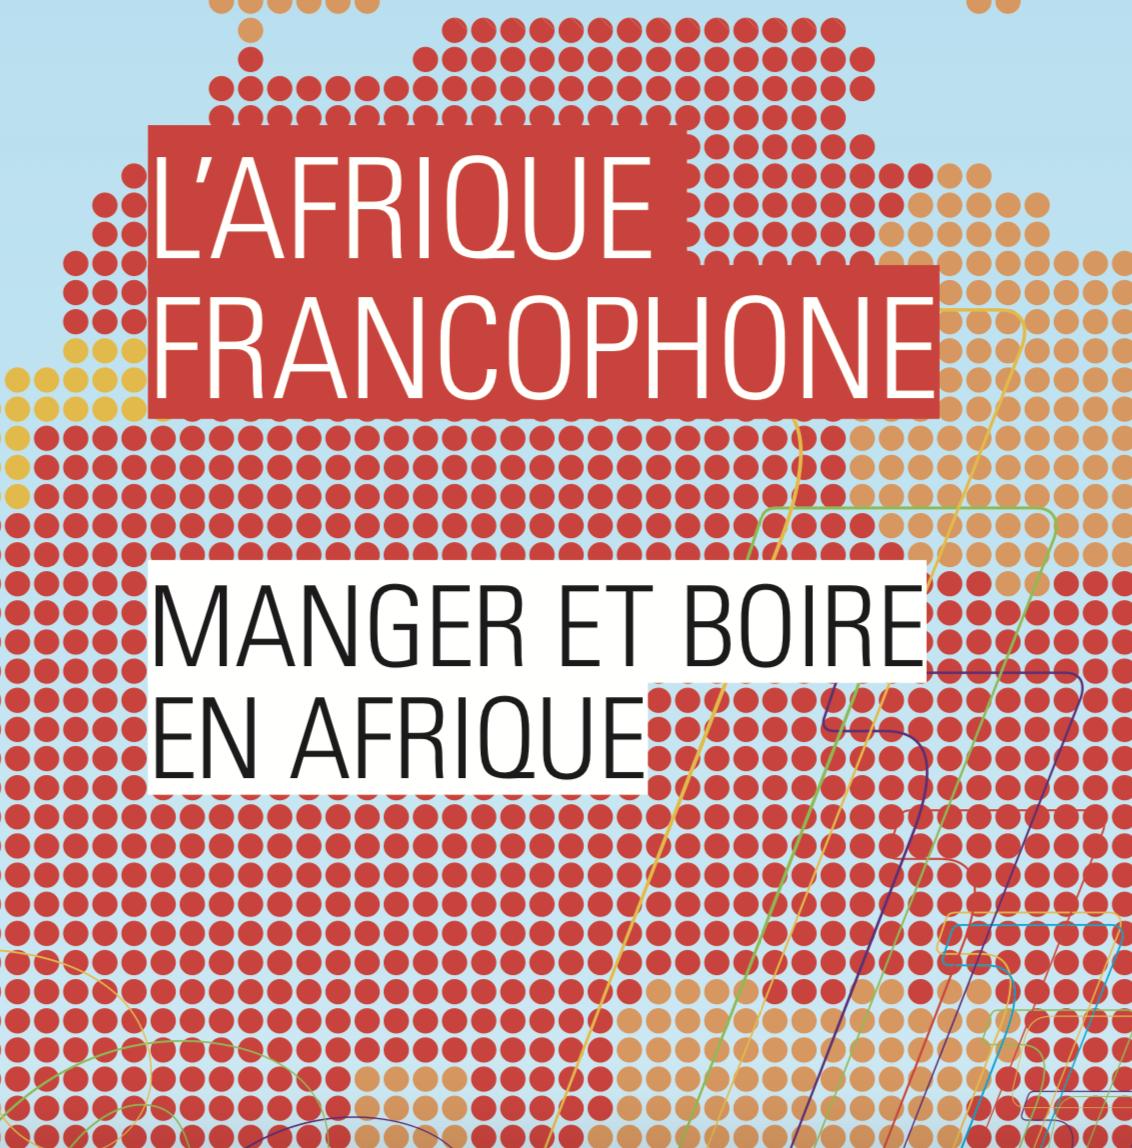 Preview image for LOM object Manger et boire en Afrique